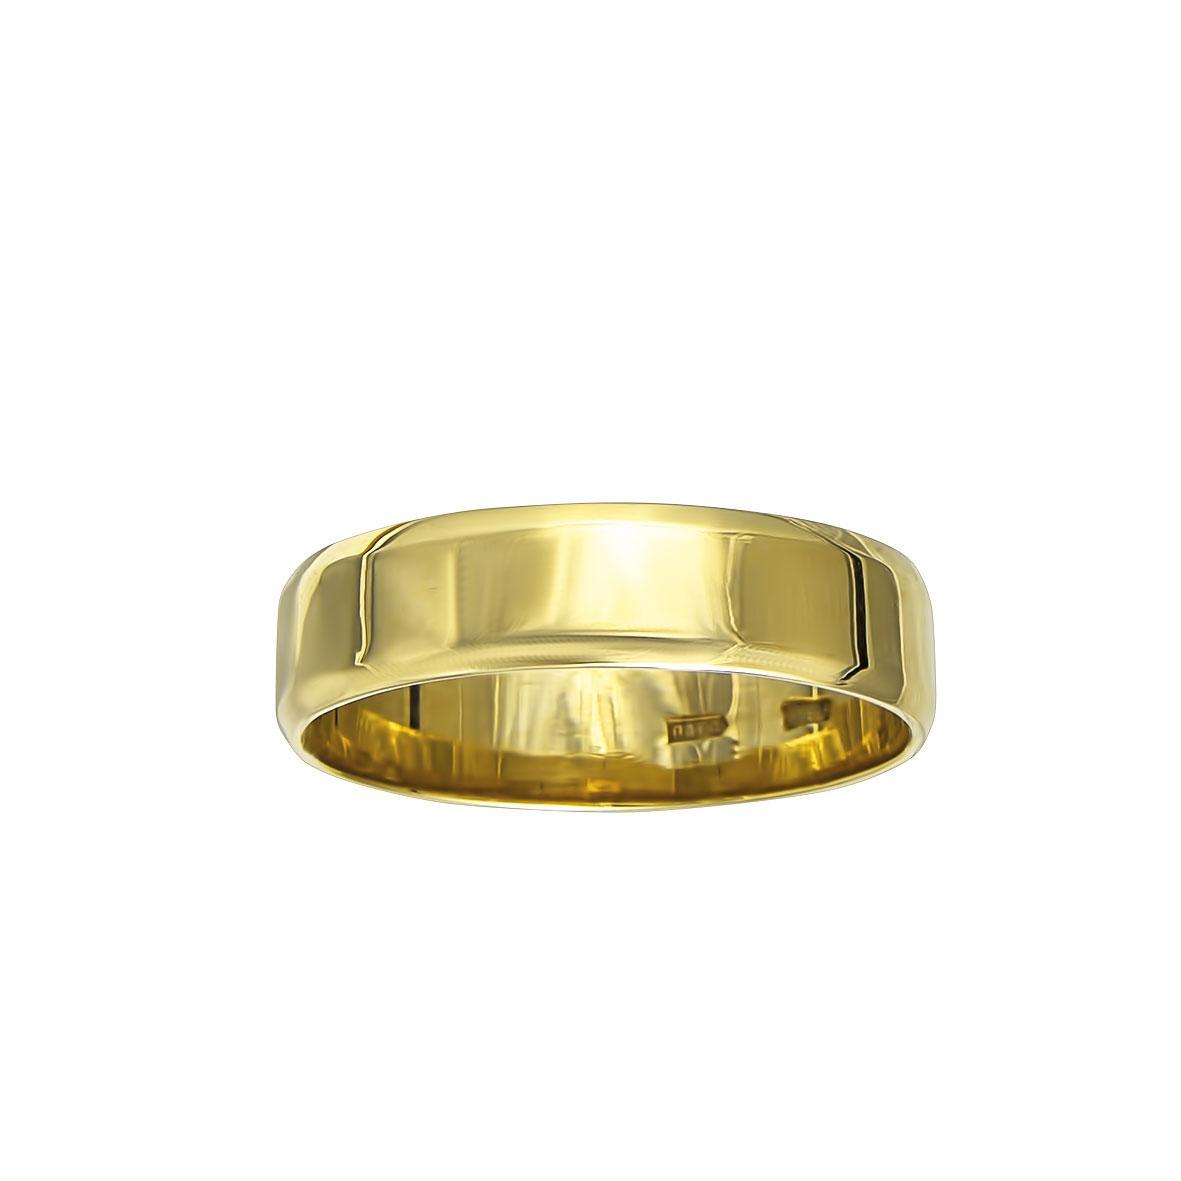 Обручальное кольцо шайба 585